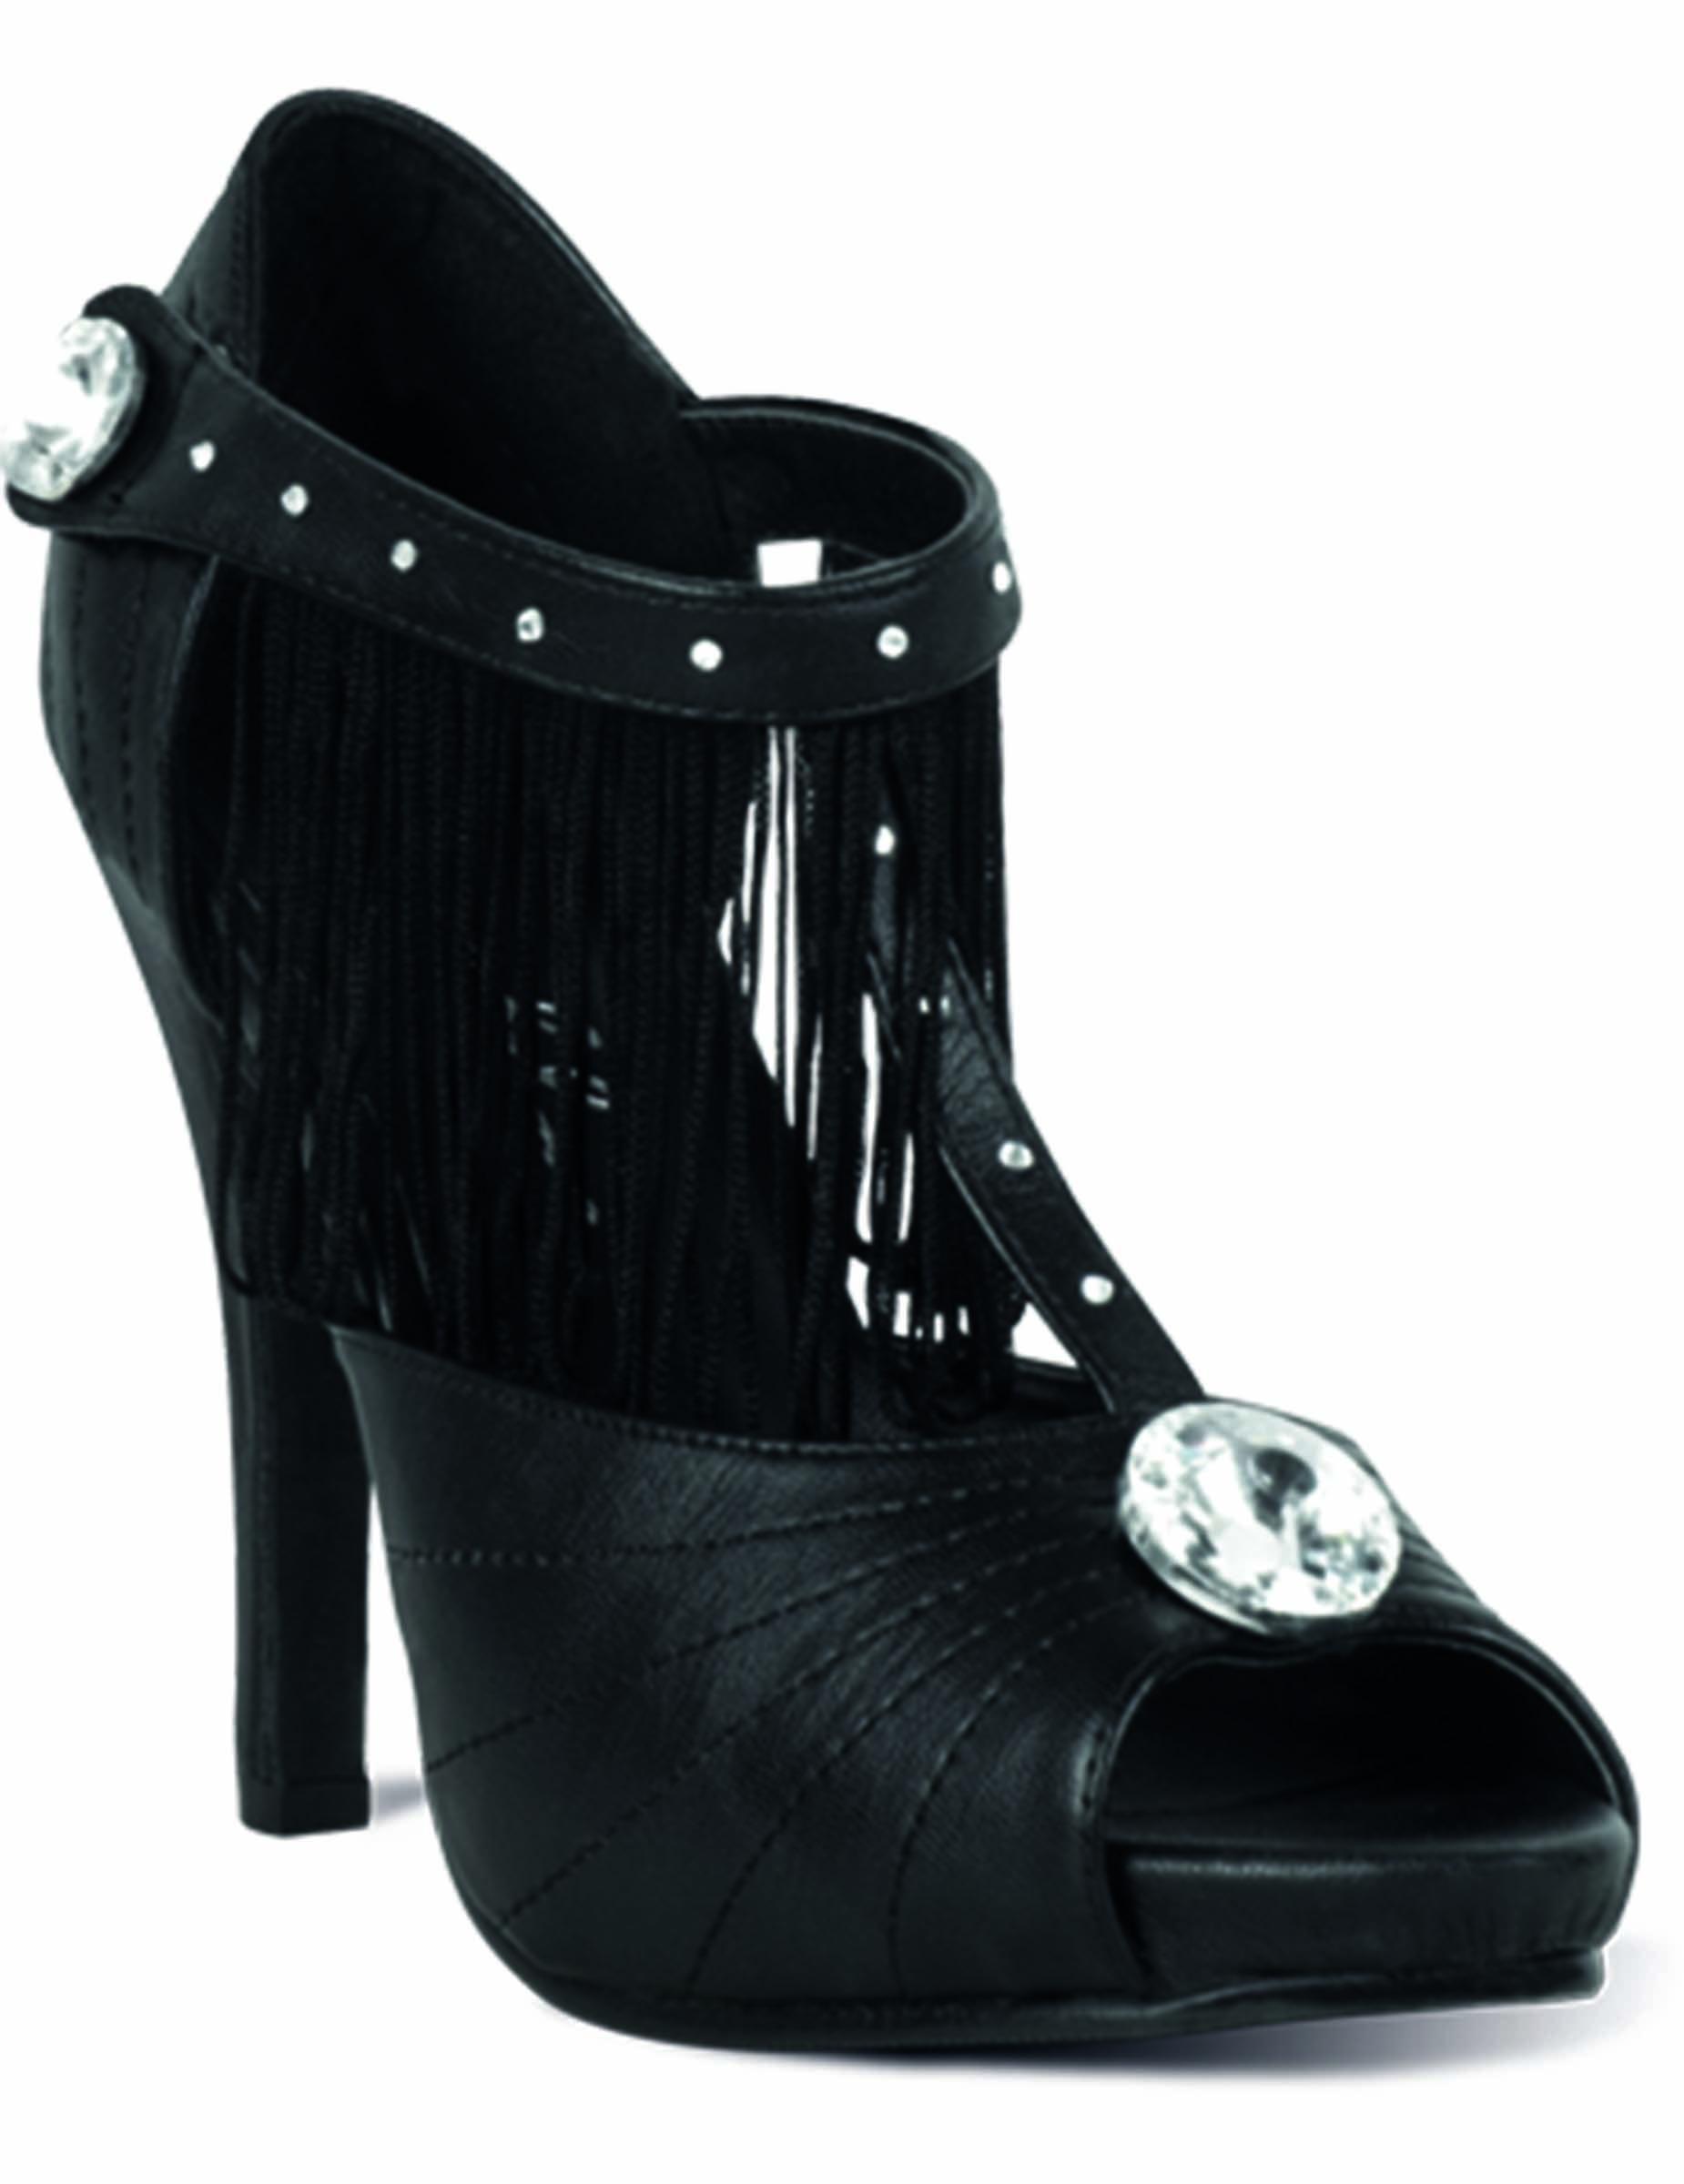 chaussures cabaret luxe femme deguise toi achat de accessoires. Black Bedroom Furniture Sets. Home Design Ideas